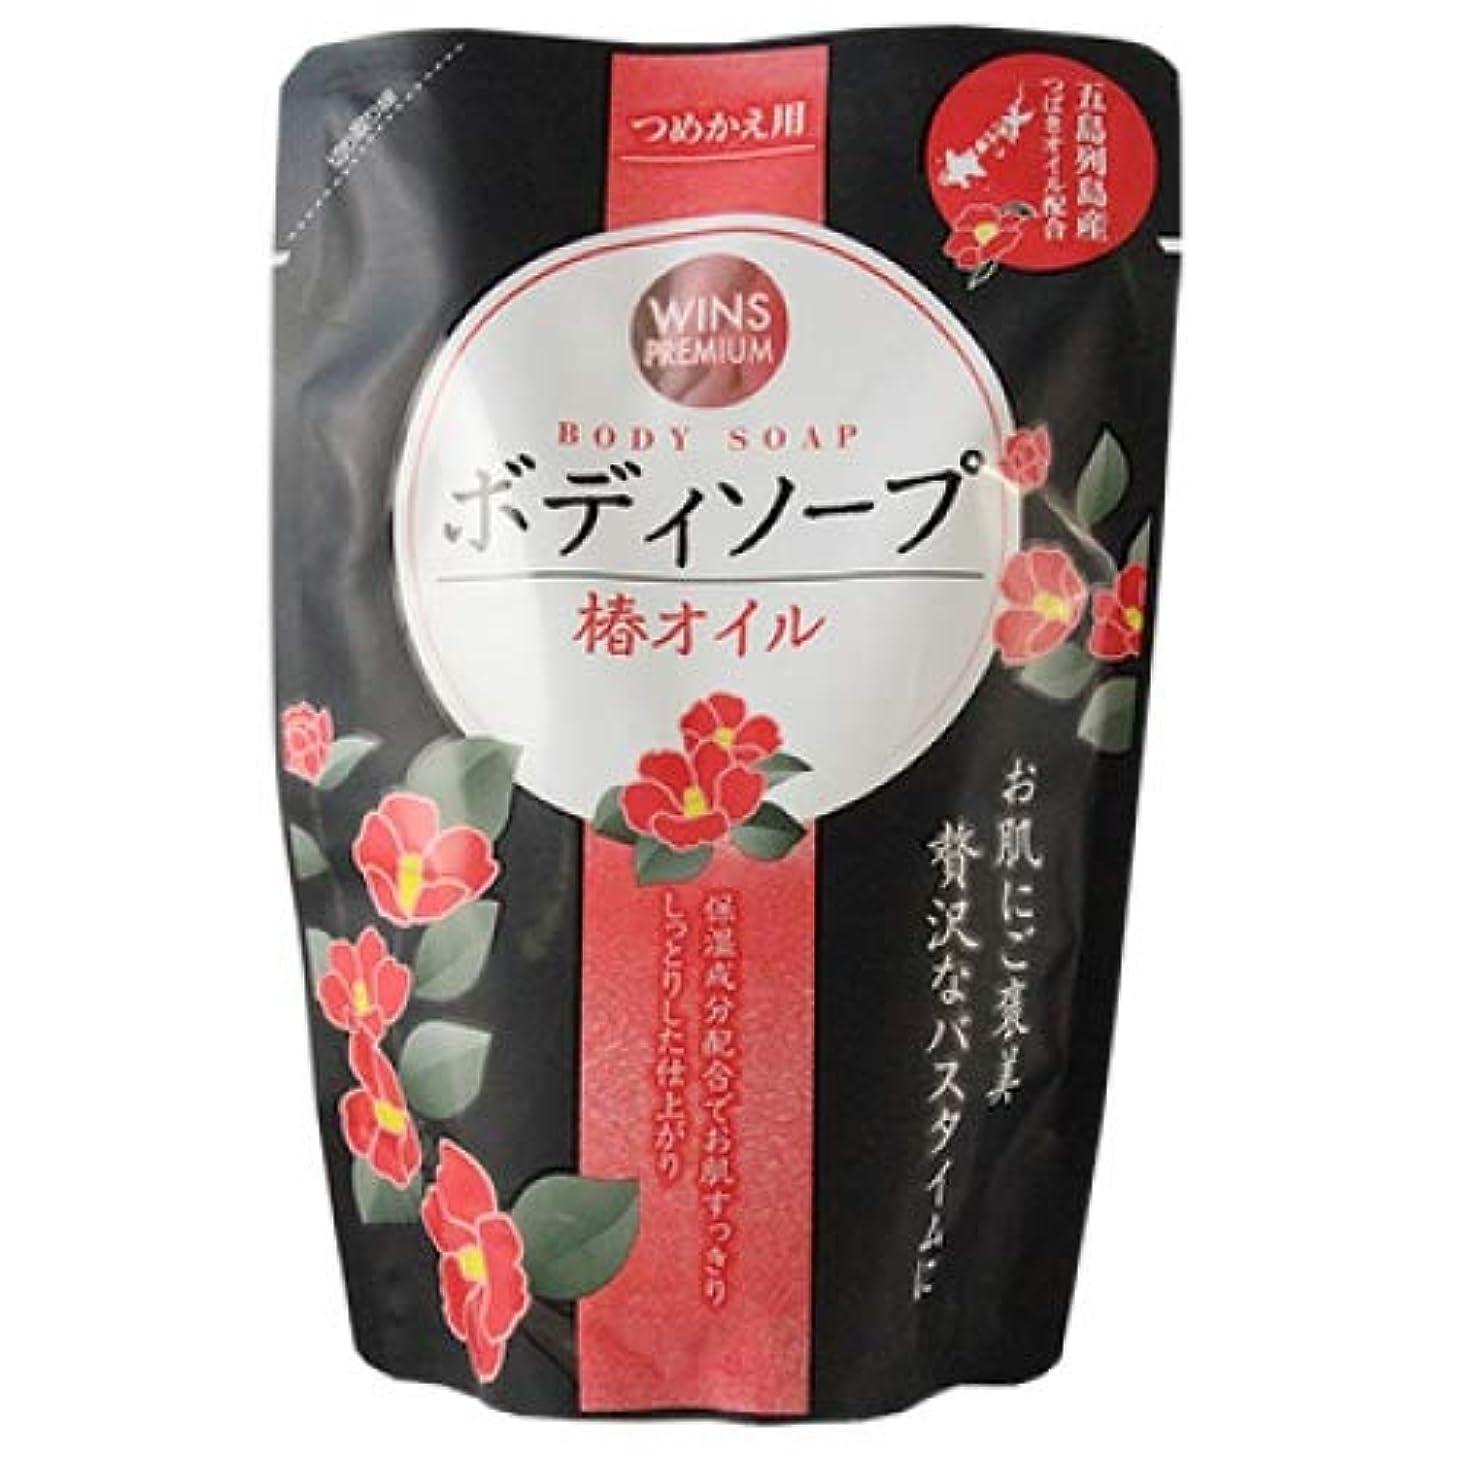 スポーツをするハイライトしわ日本合成洗剤 ウインズ 椿オイル ボディソープ つめかえ用 400mL 4904112827240